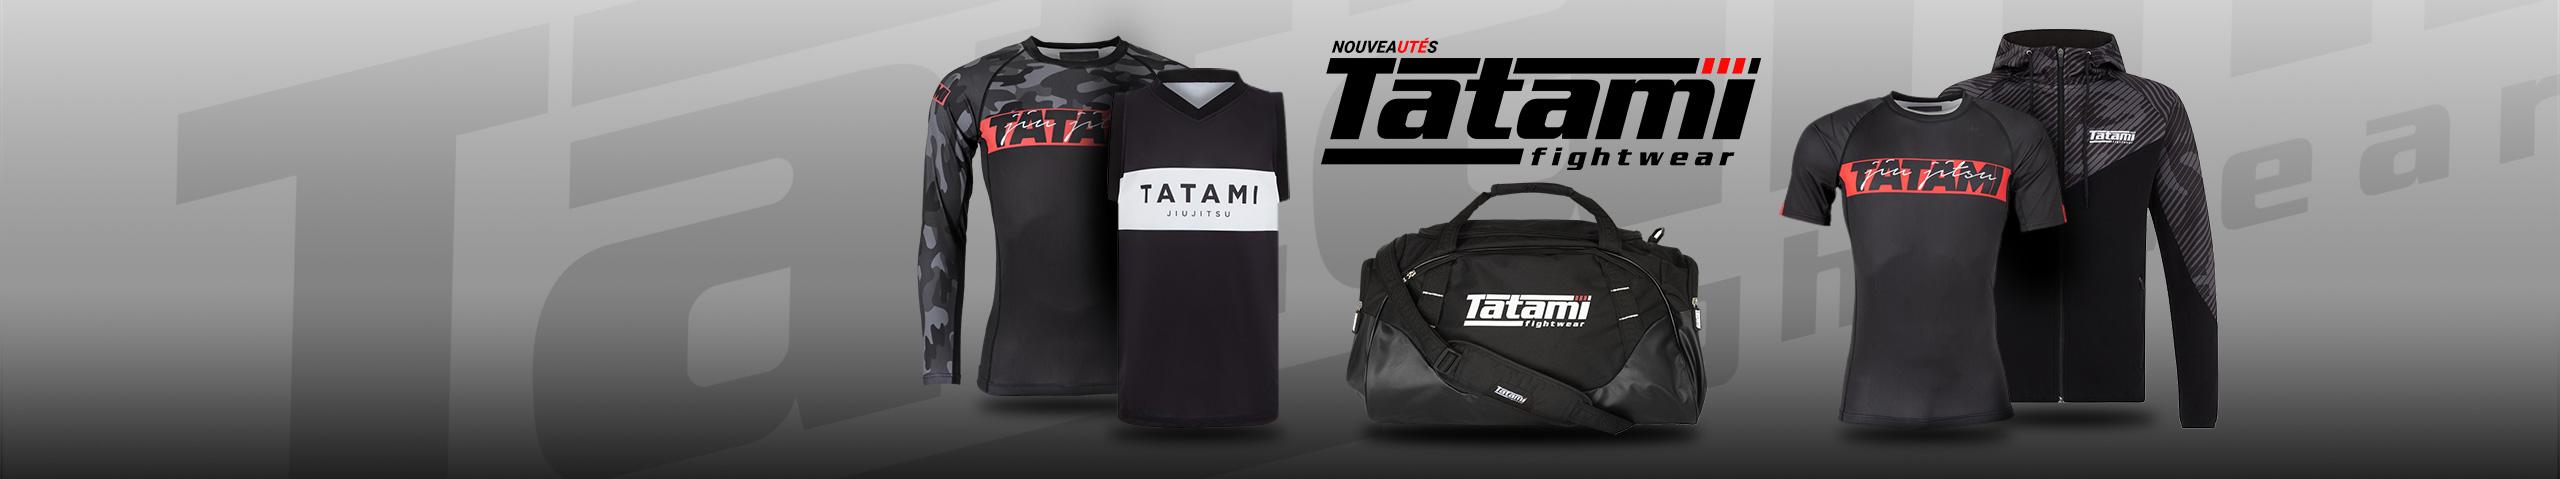 Tatami Fightwear : vêtements, équipements & accessoires de la marque Tatami Fightwear | Dragon Bleu